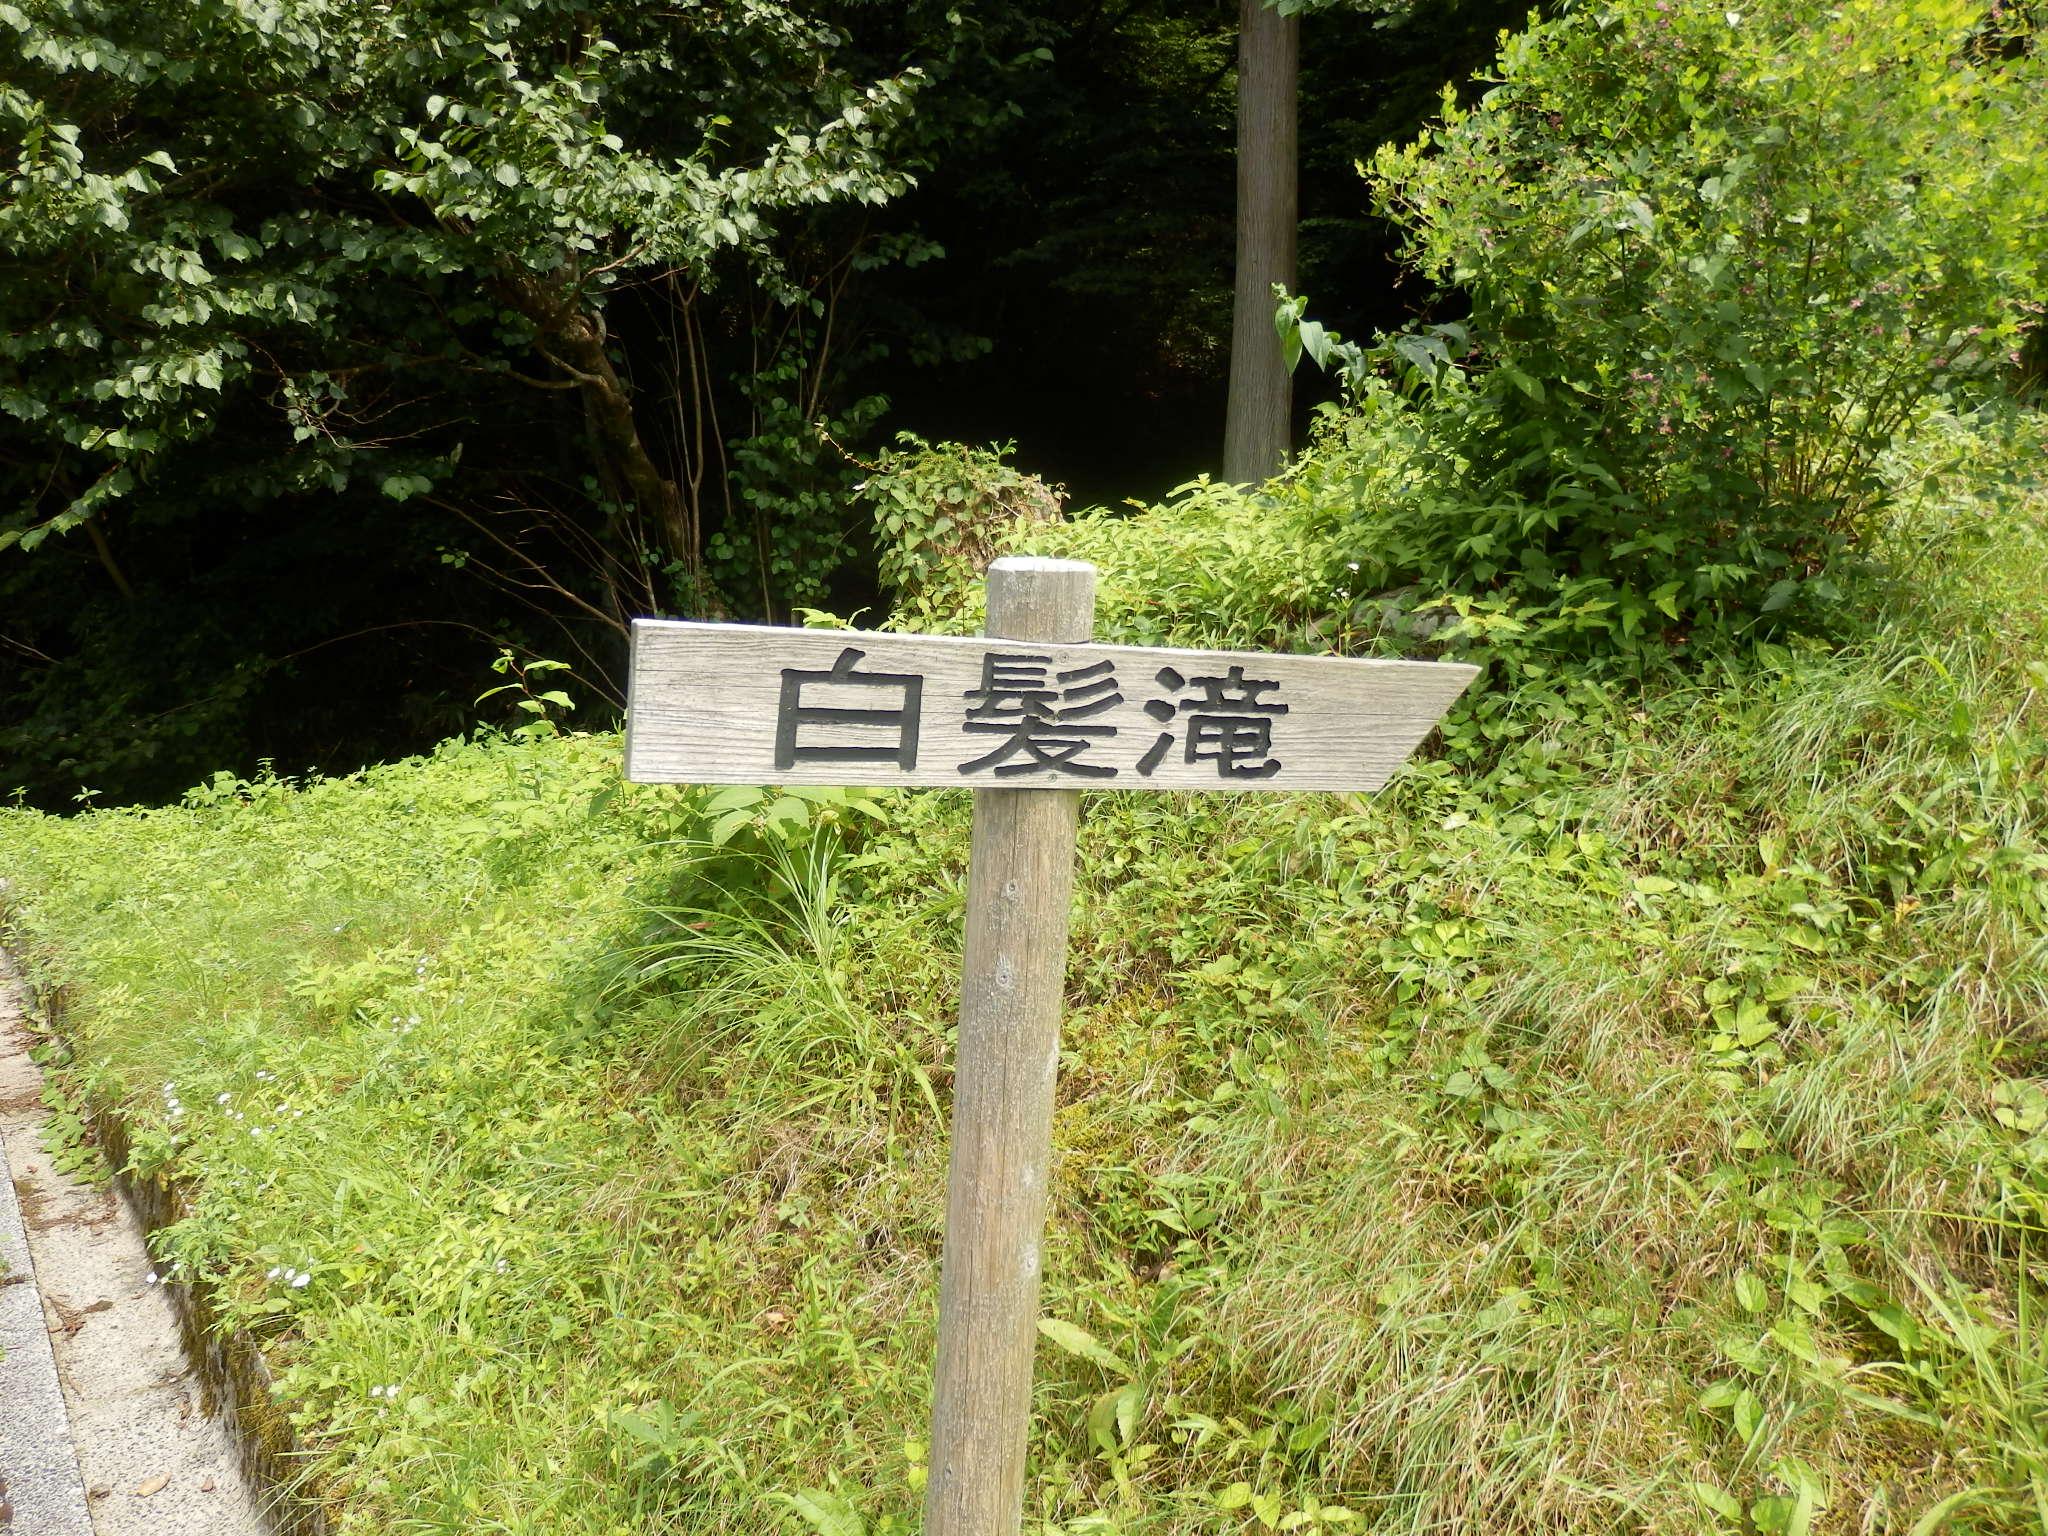 布滝 (11)